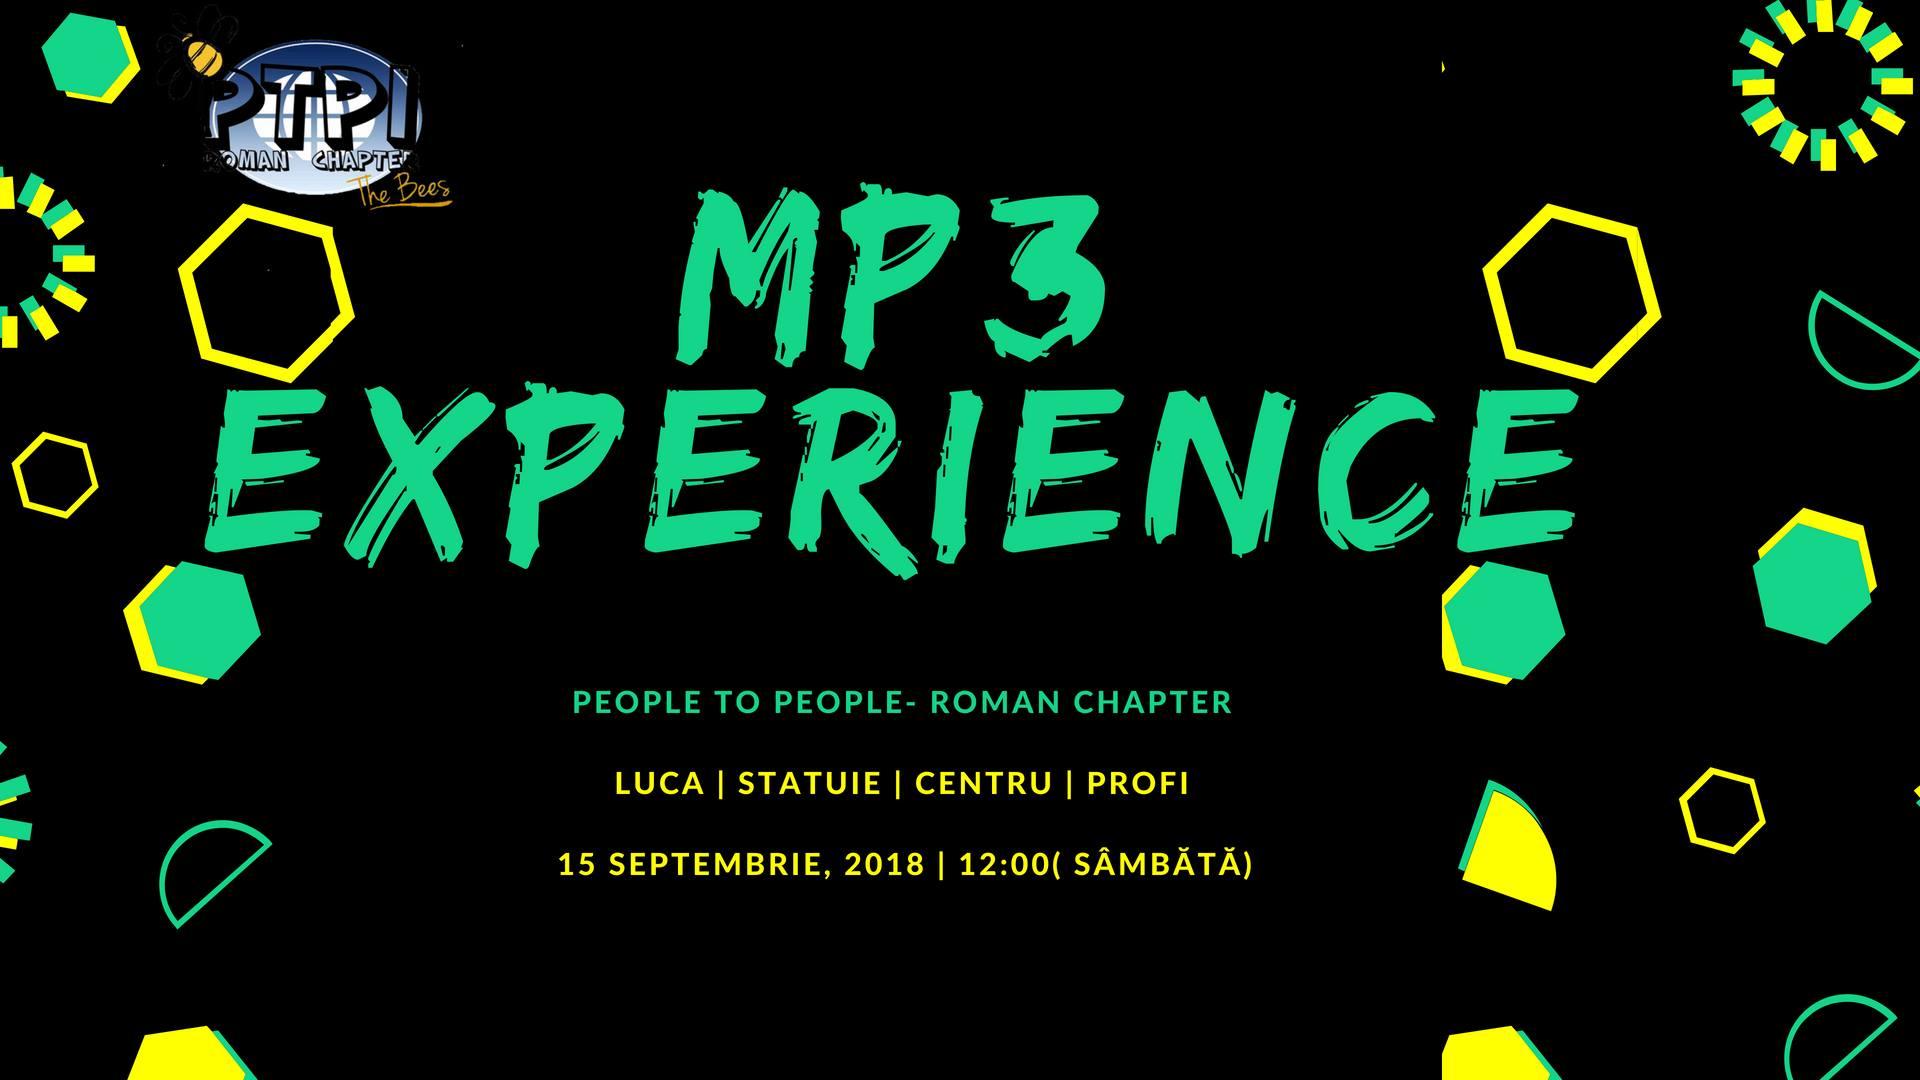 PTPI Roman organizează o nouă ediție a flashmob-ului MP3 Experience